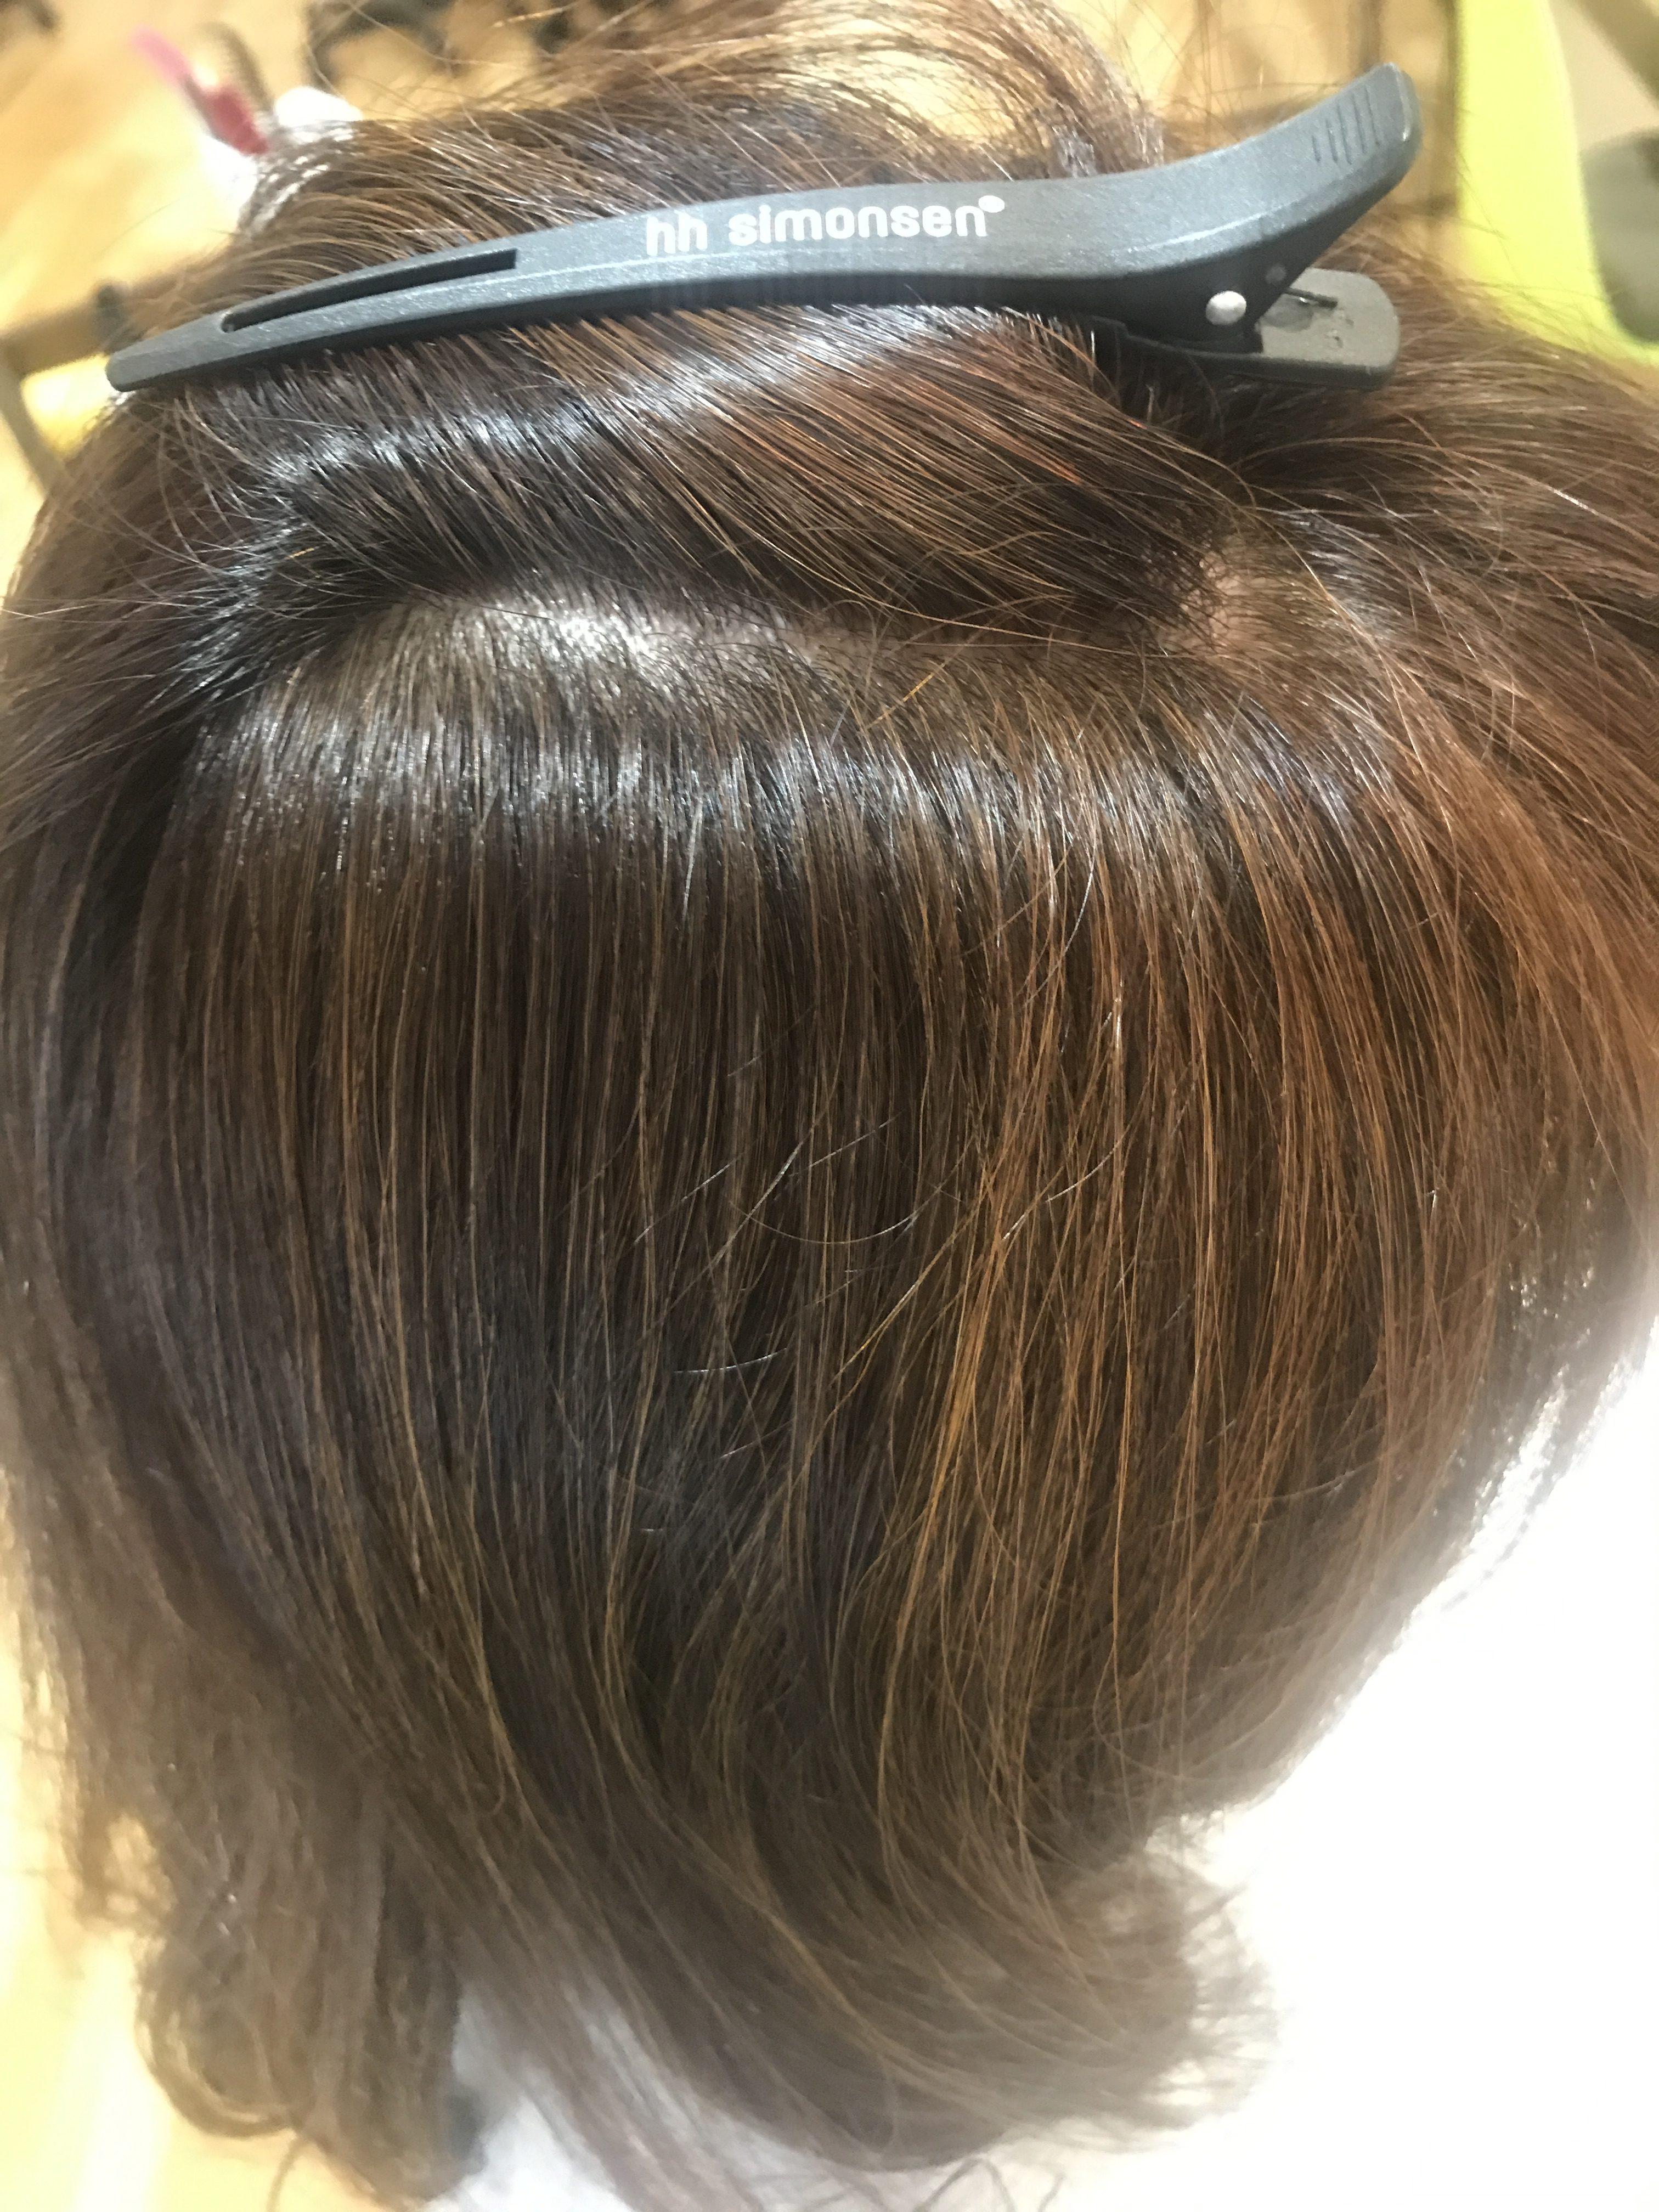 ノンジアミンカラーで白髪染めで赤みを抑える方法をご紹介!